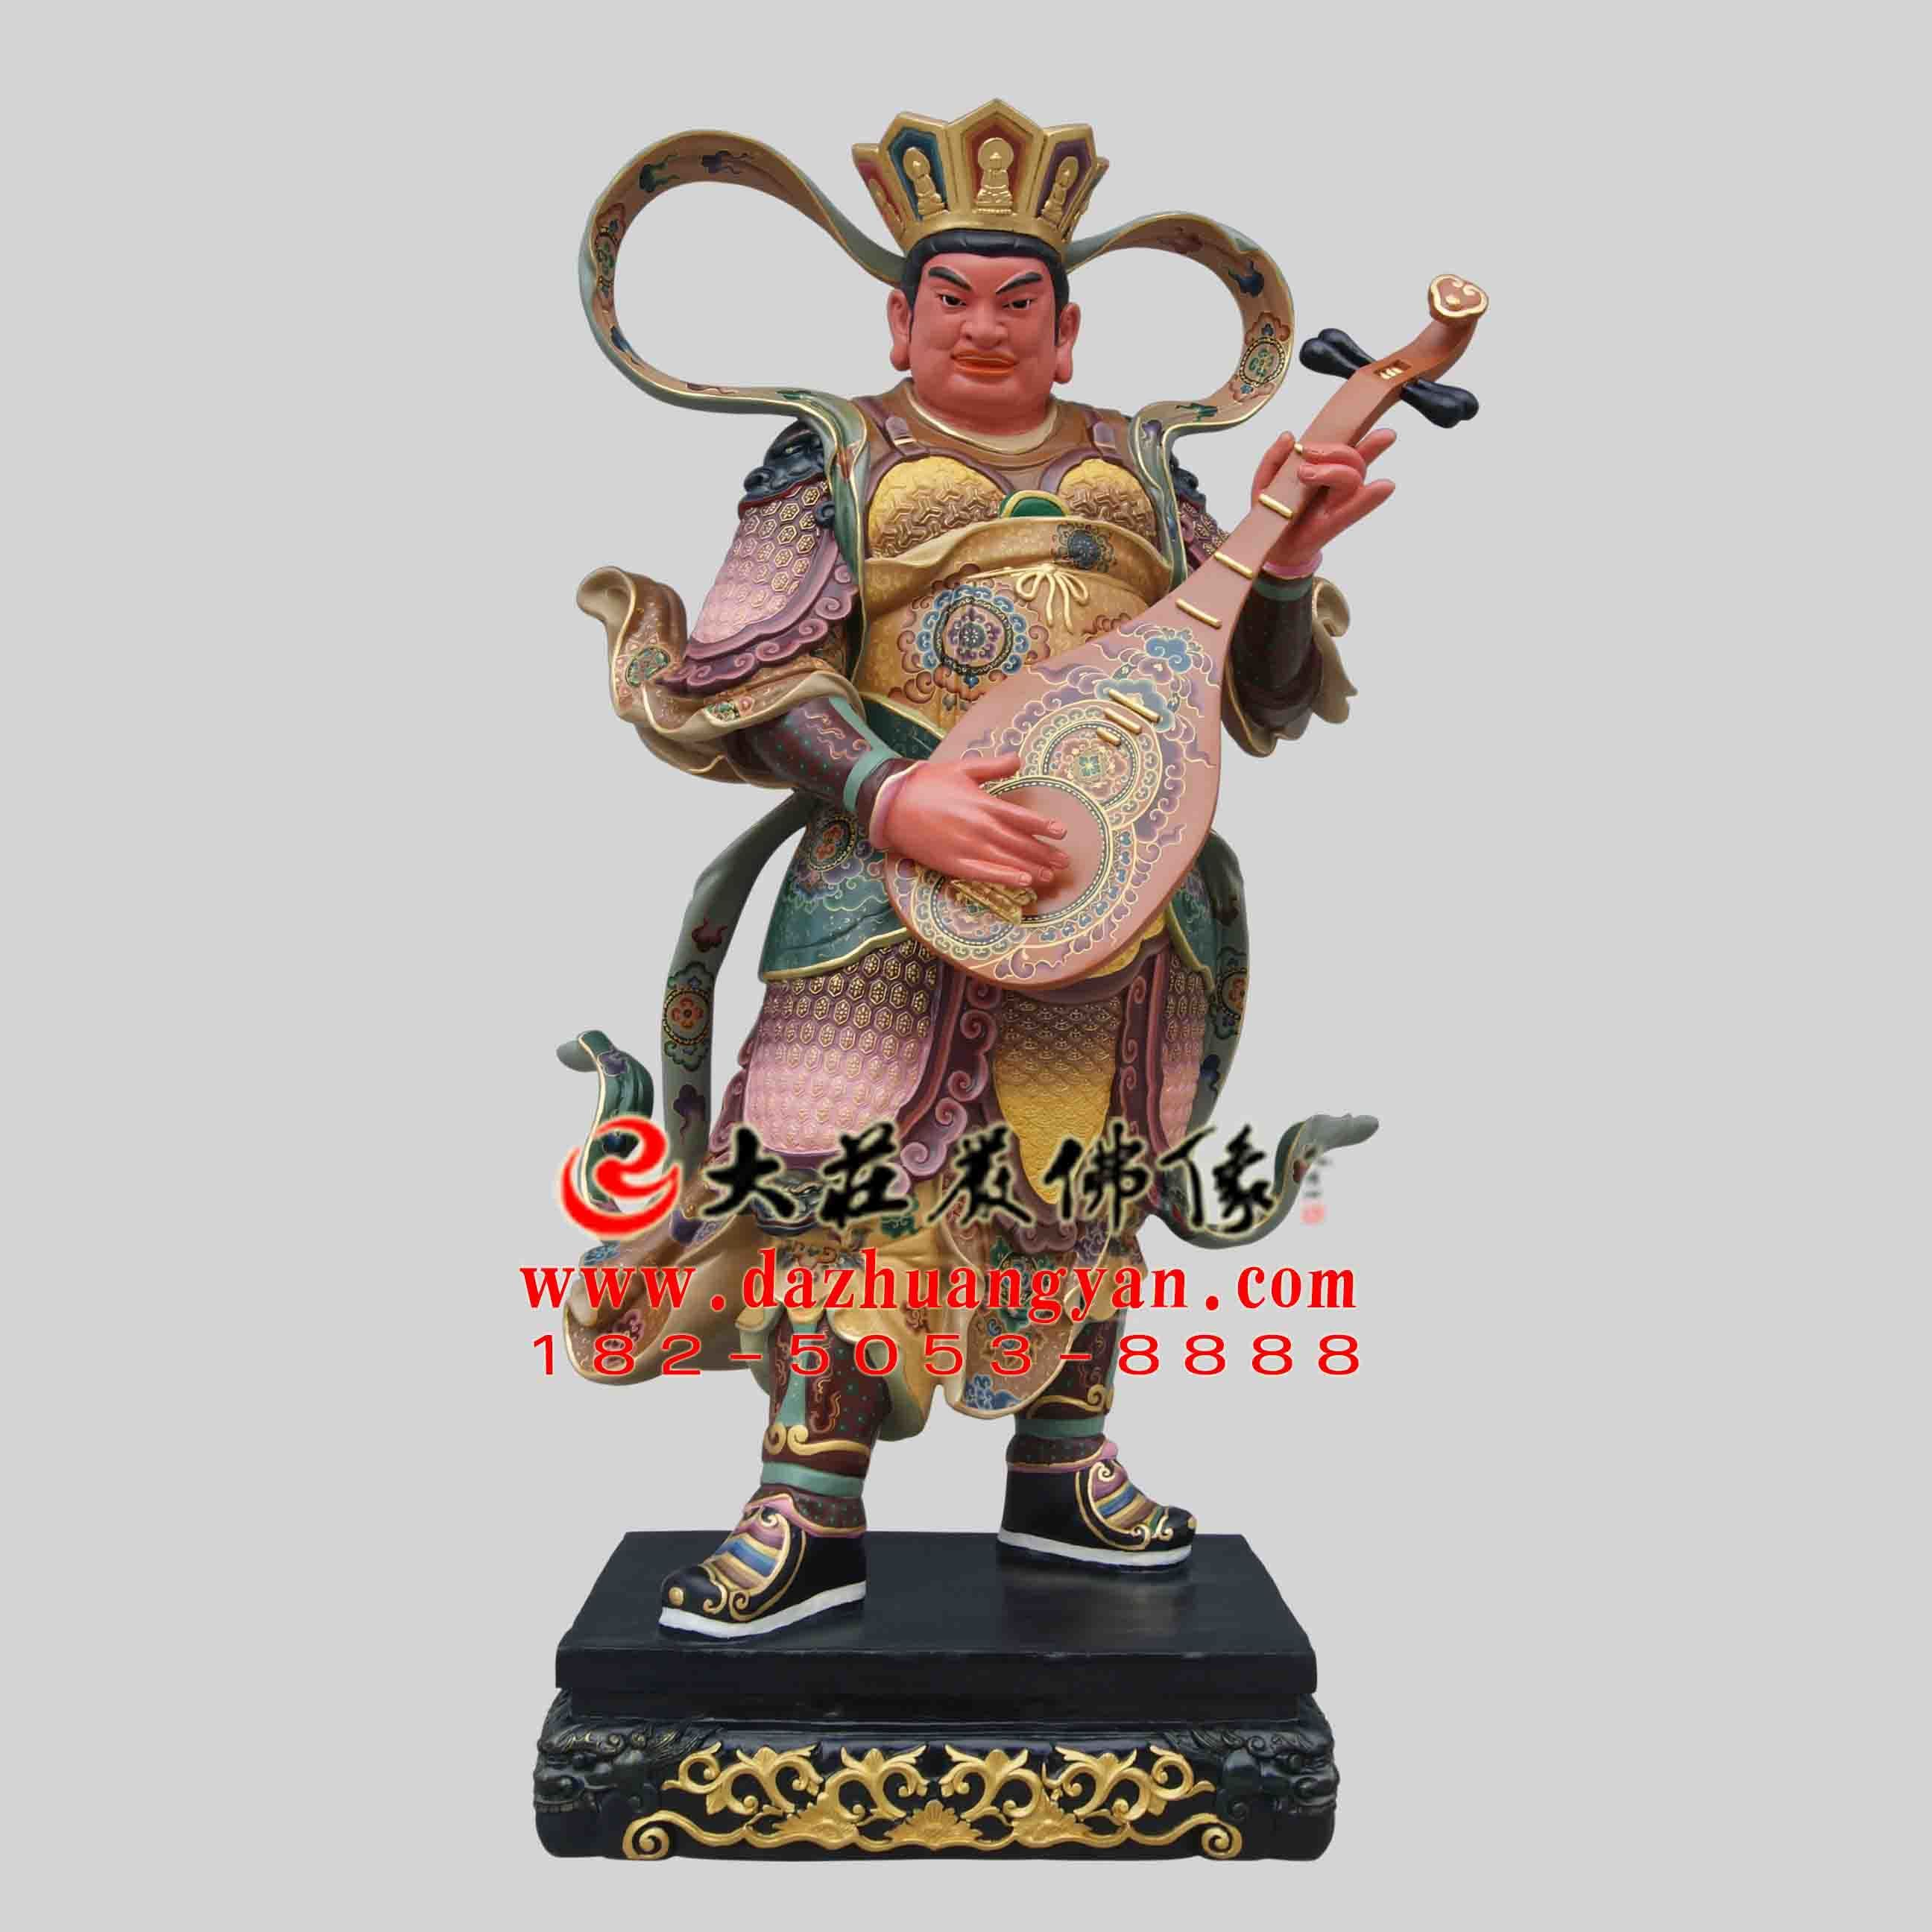 彩绘描金生漆脱胎东方持国天王塑像 佛教护法神四大天王雕塑定制